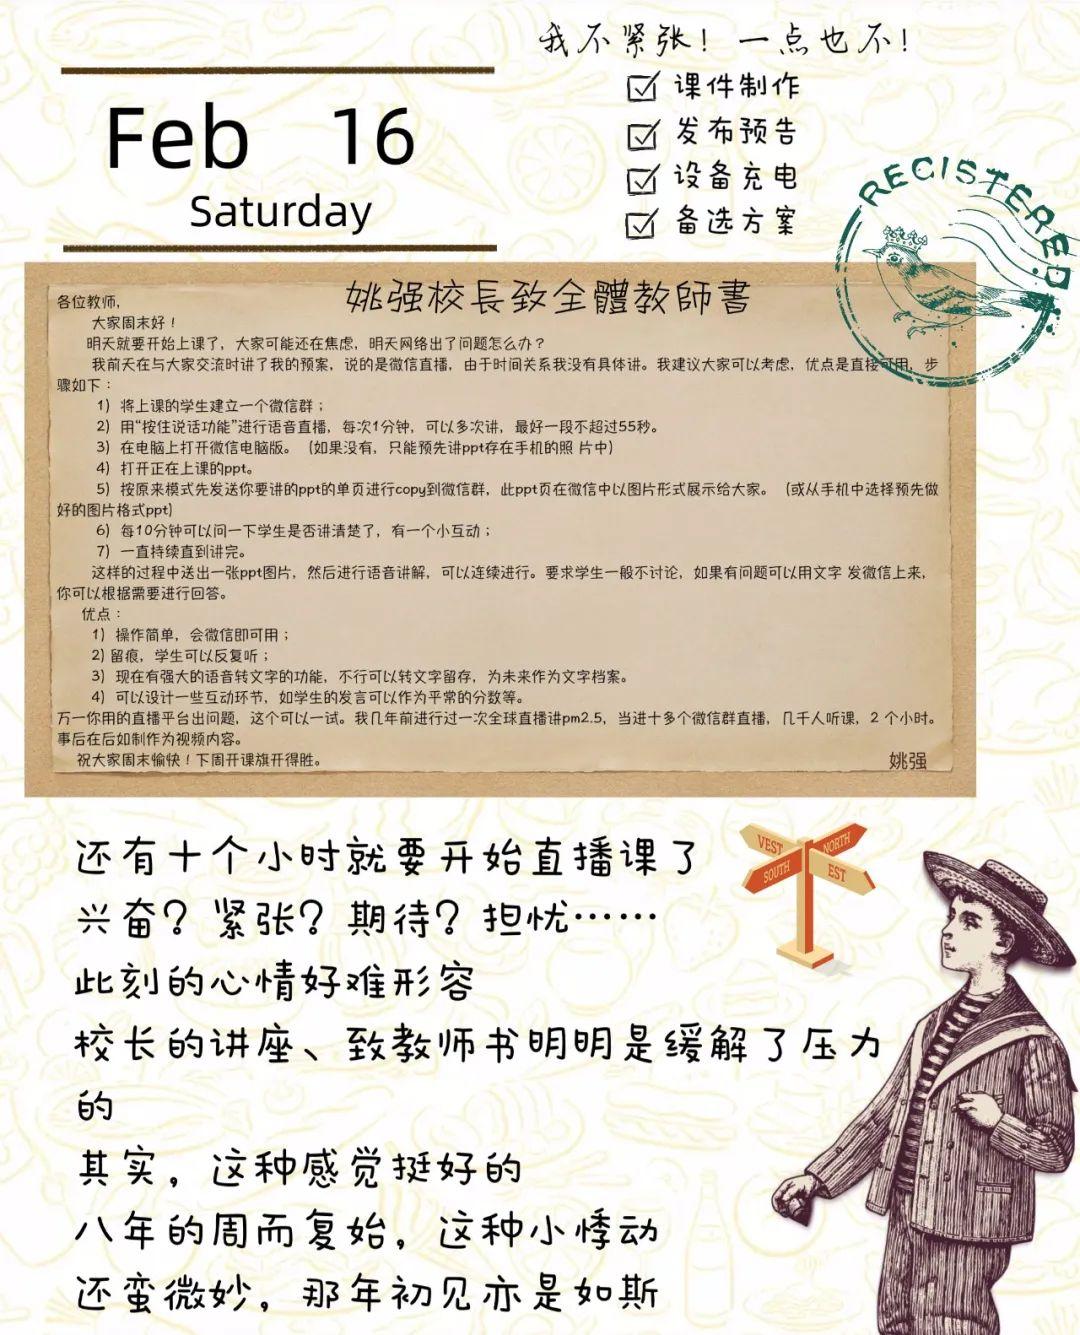 「摩天测速」主摩天测速播老师线上教学日记大公图片